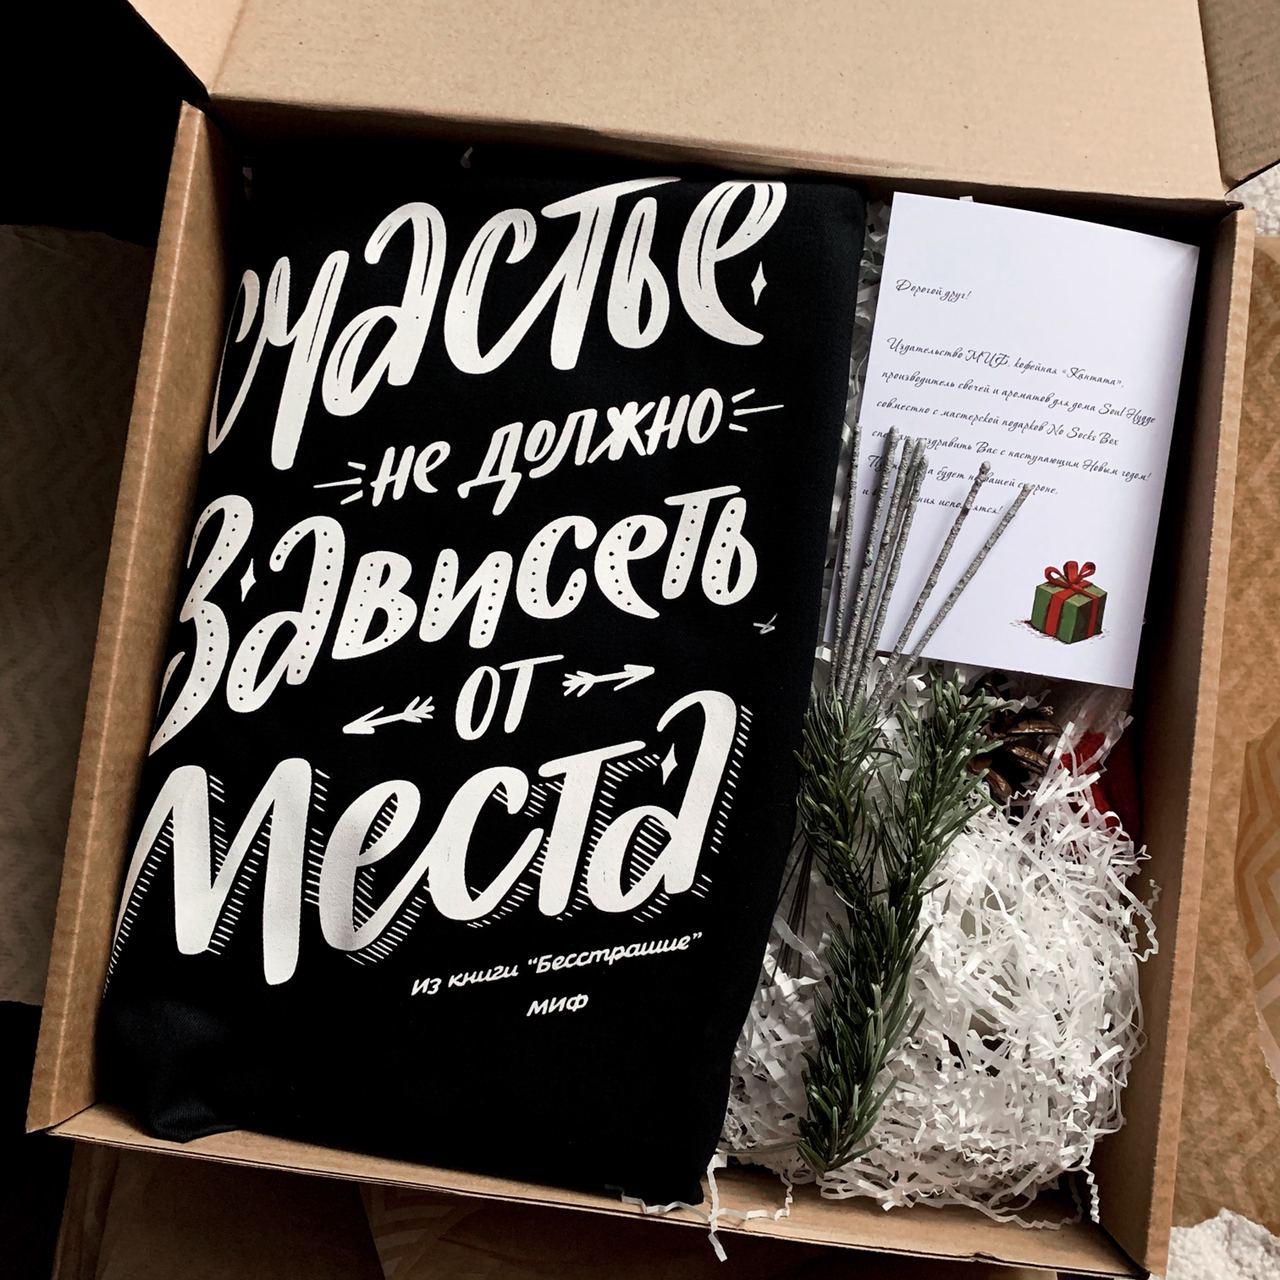 Смотрите, что за новогодняя красота приехала от издательства «МИФ»